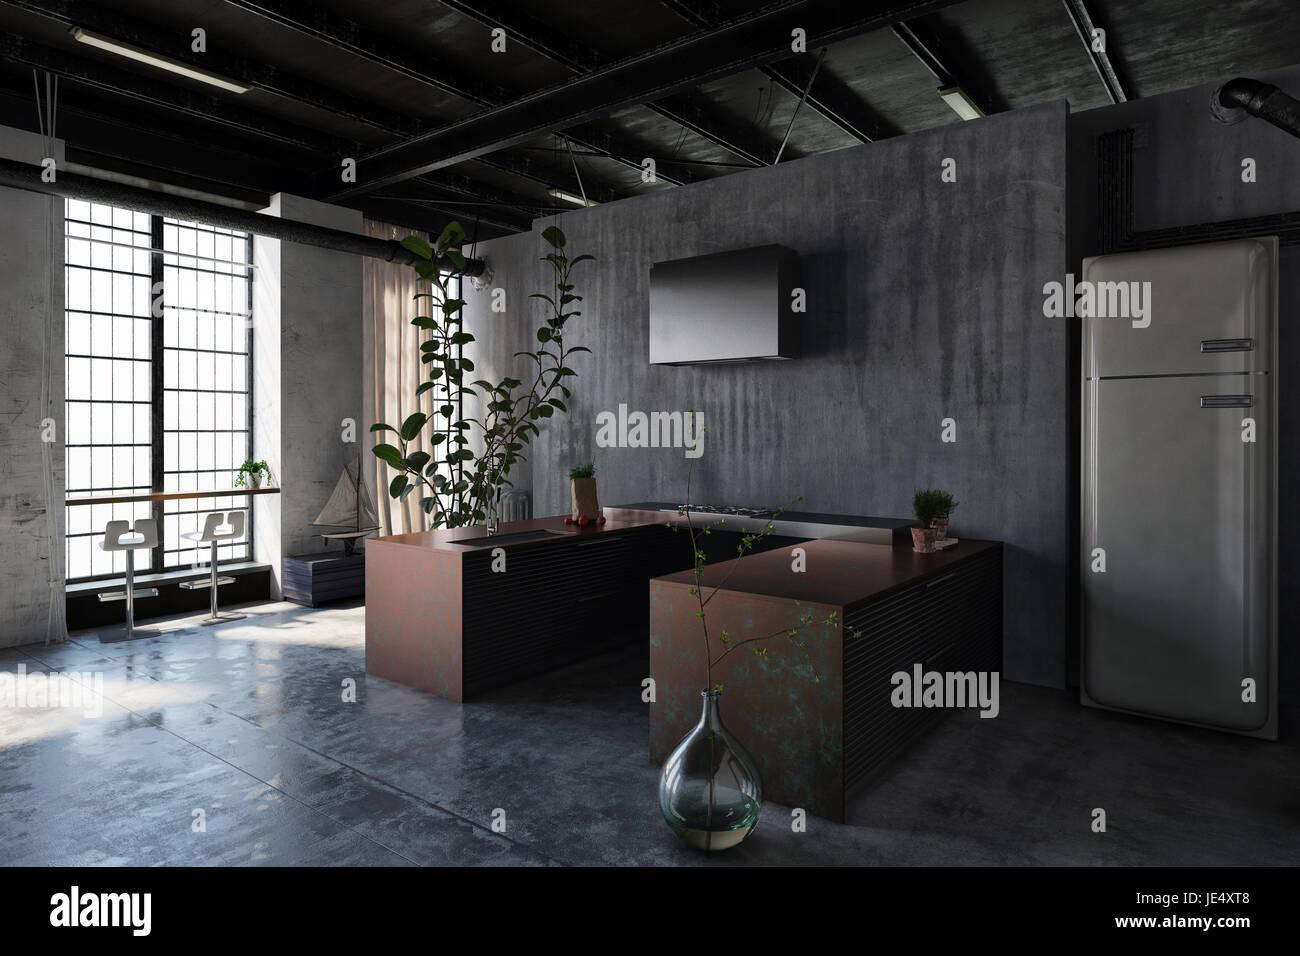 Buio interiore del moderno design minimalista e cucina in stile